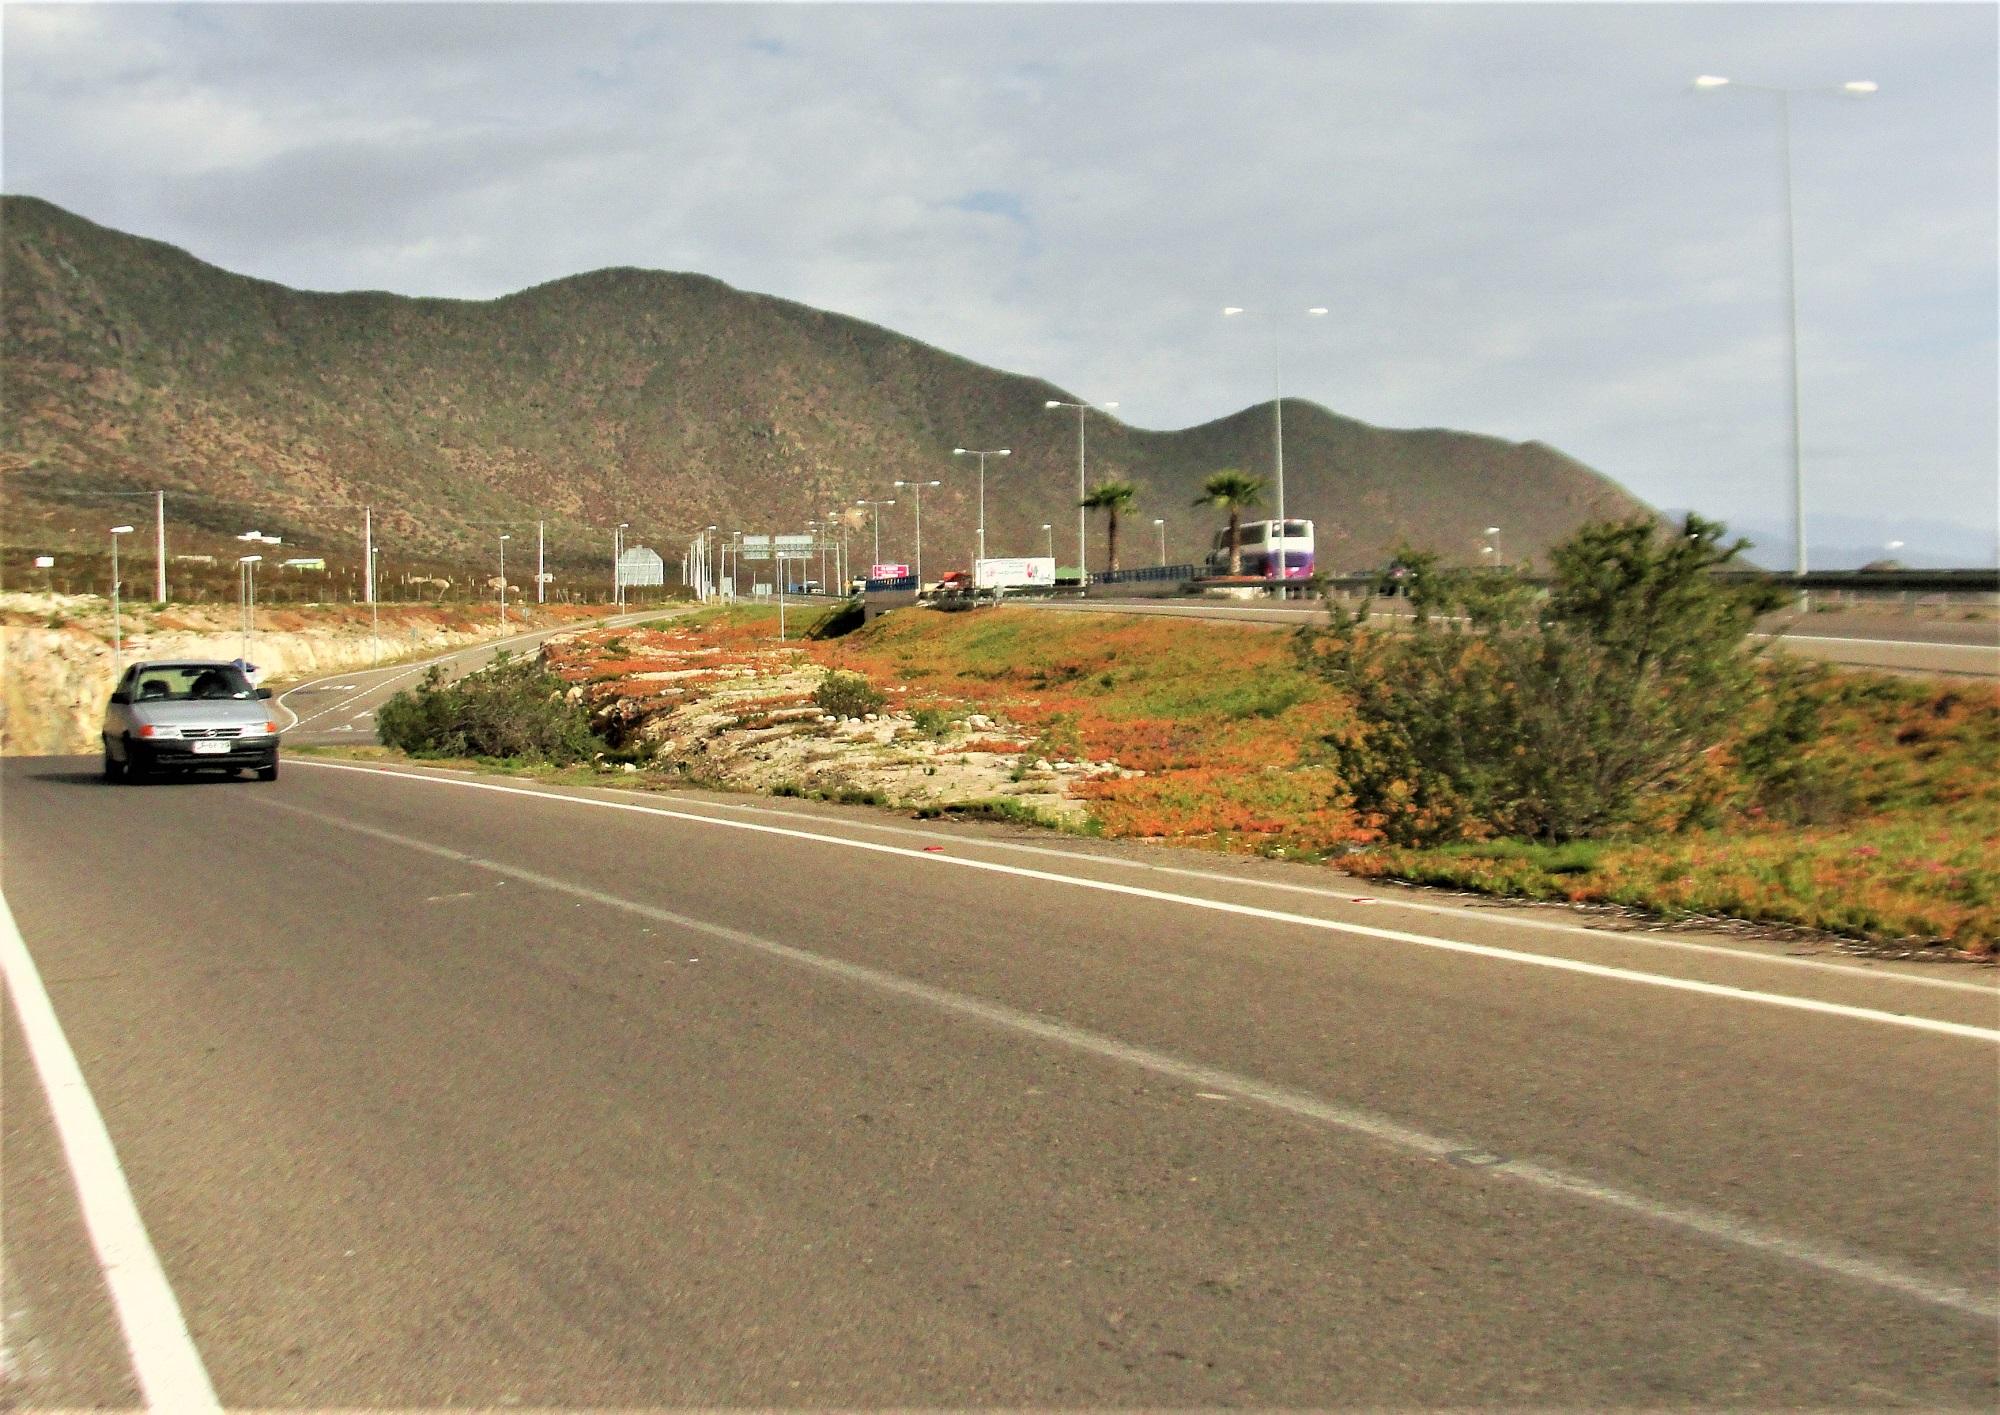 turismochile_llegar_coquimbo